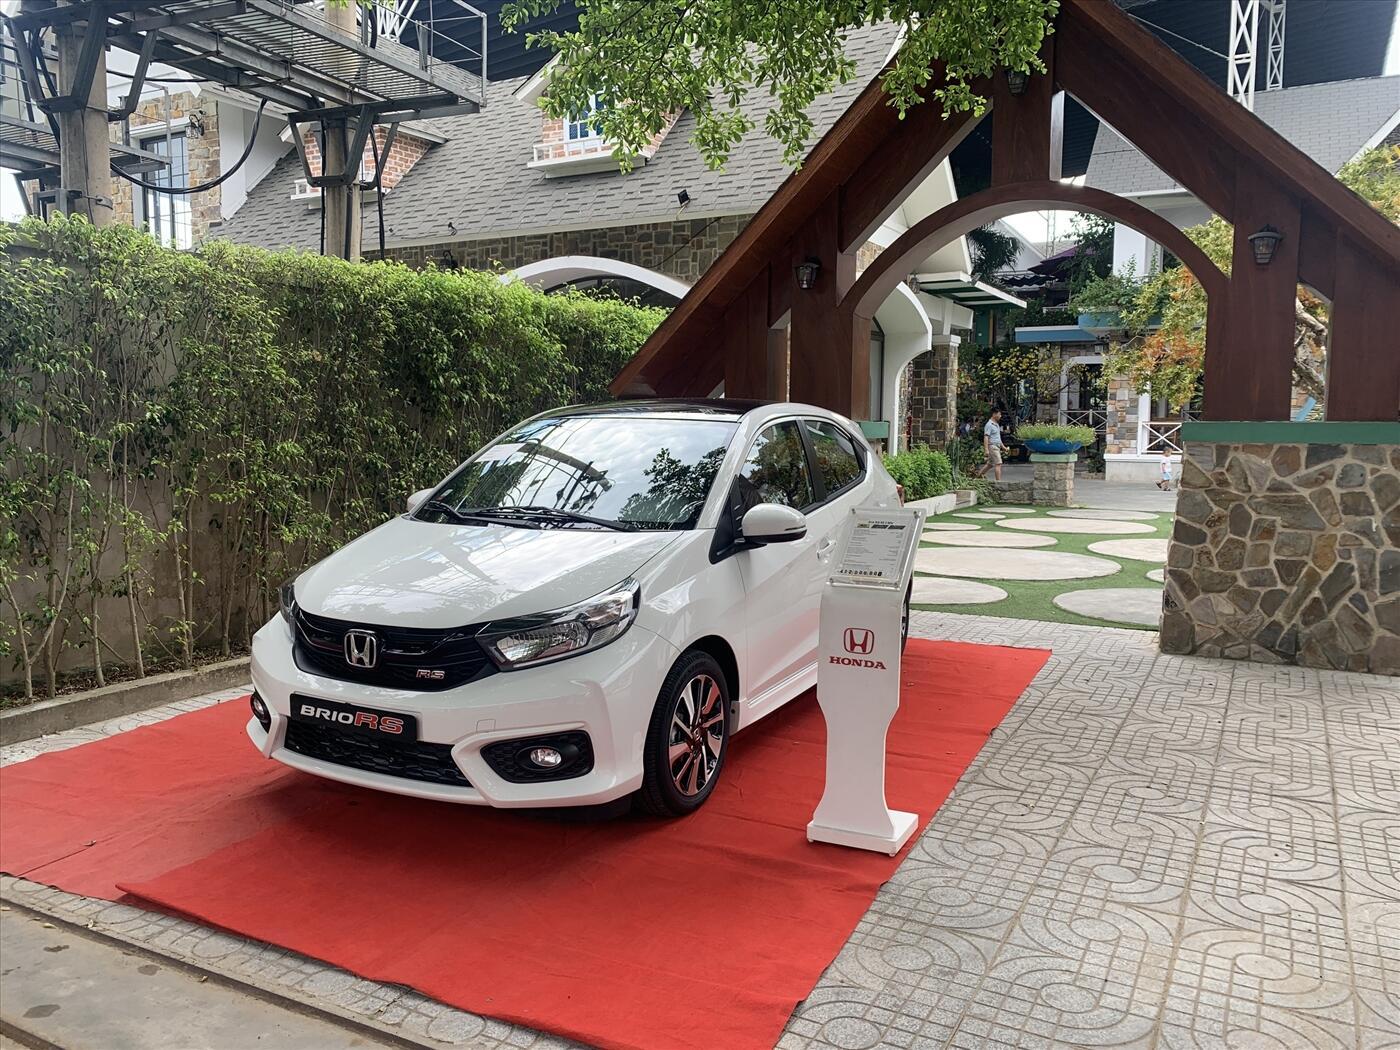 Những lưu ý khi sử dụng và bảo quản xe Ôtô vào mùa hè - Honda Ôtô Hà Tĩnh 5S - Hình 2